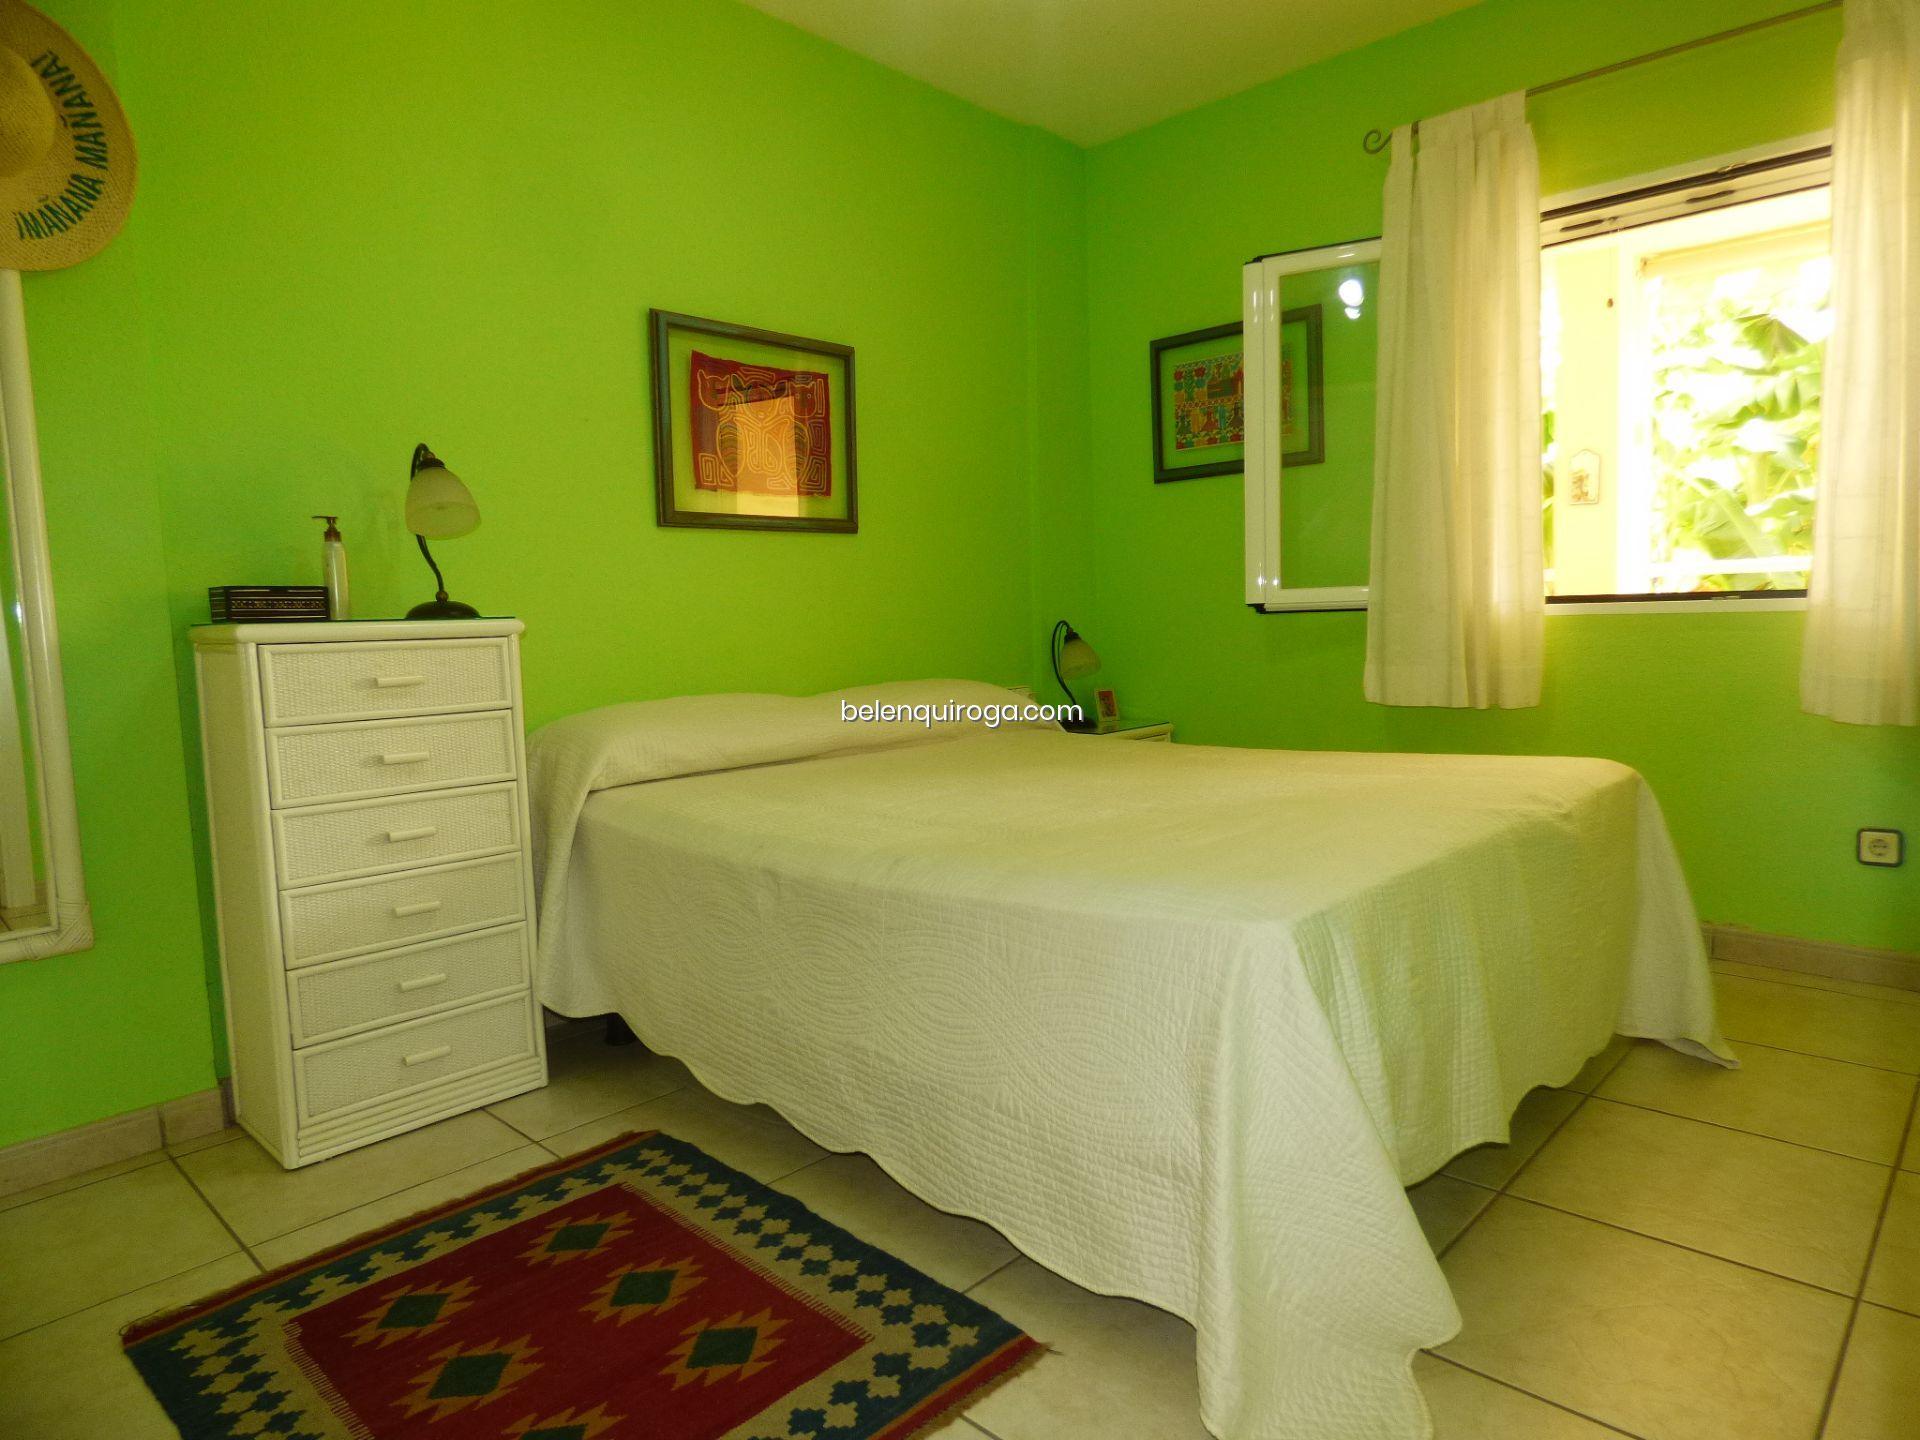 Um dos dois quartos de um apartamento à venda em Jávea - Inmobiliaria Belen Quiroga